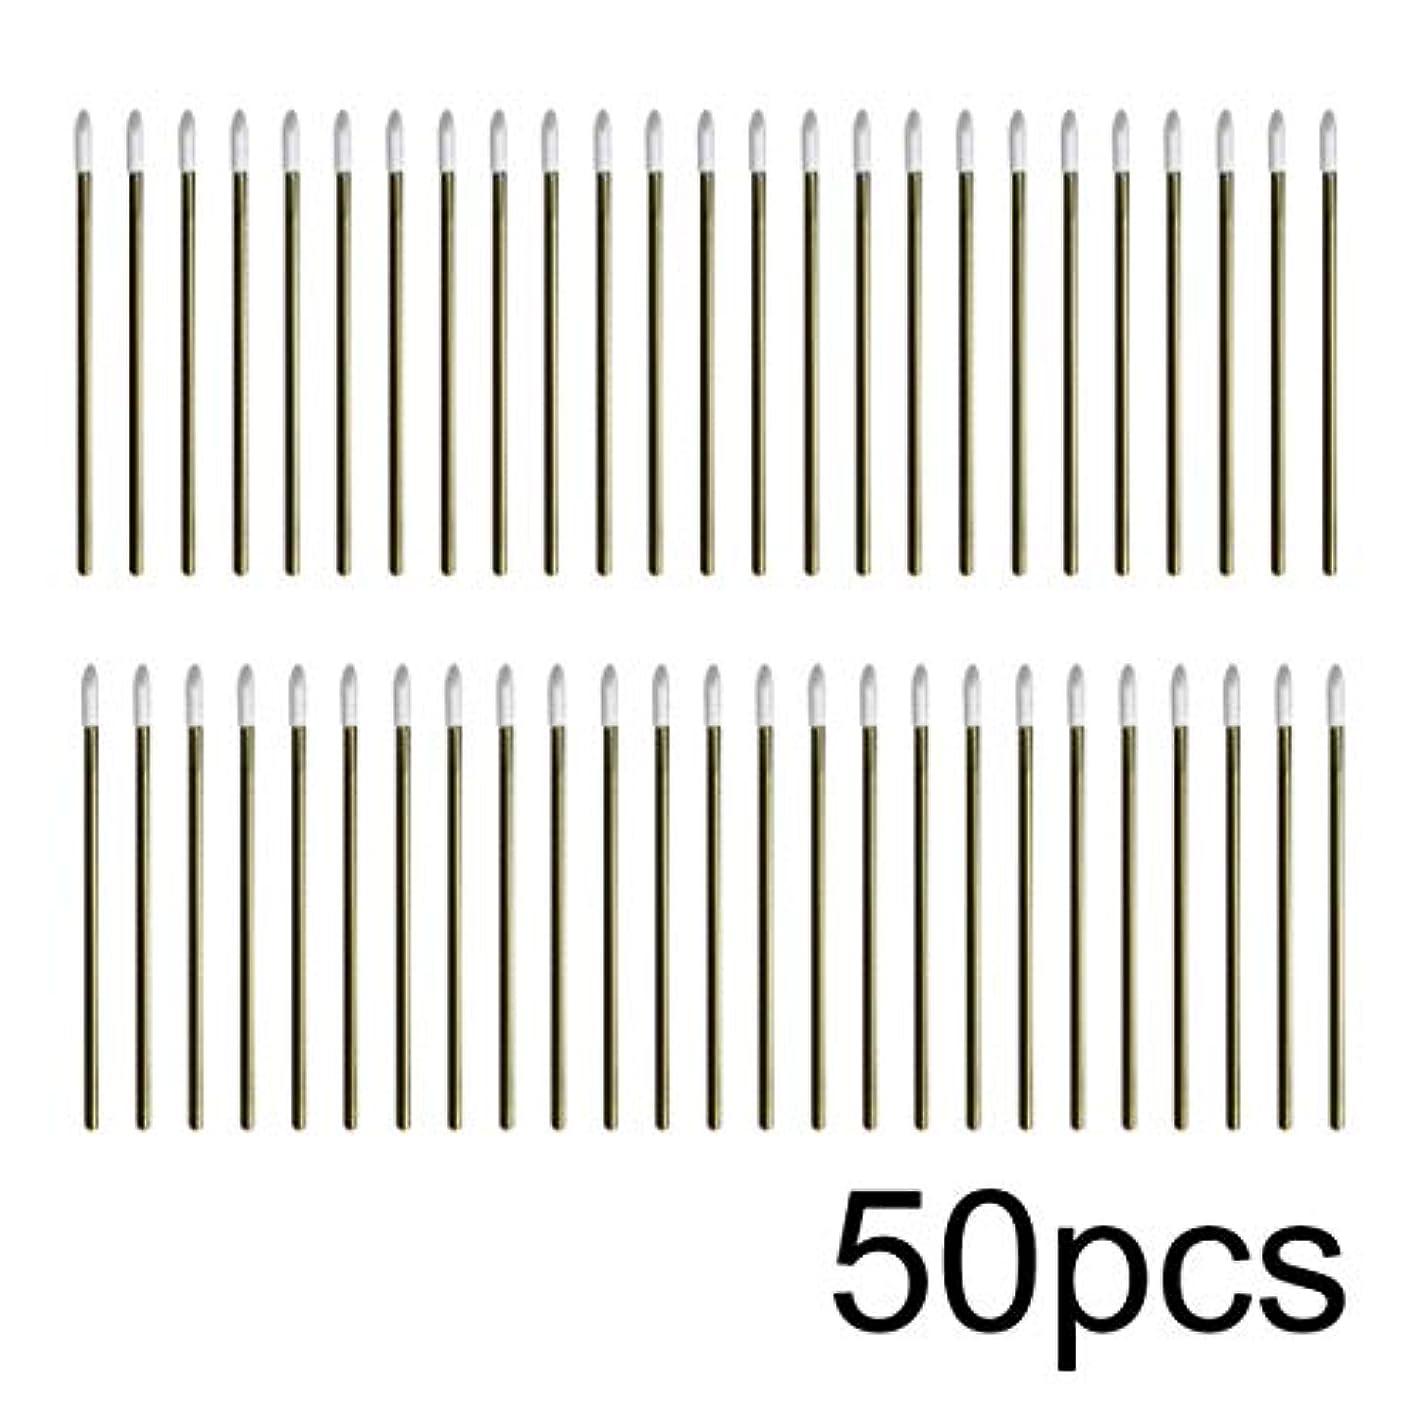 競う夢レッドデートIntercorey 50pcs / lotカラフルな使い捨てメイクリップブラシ口紅ペン化粧道具